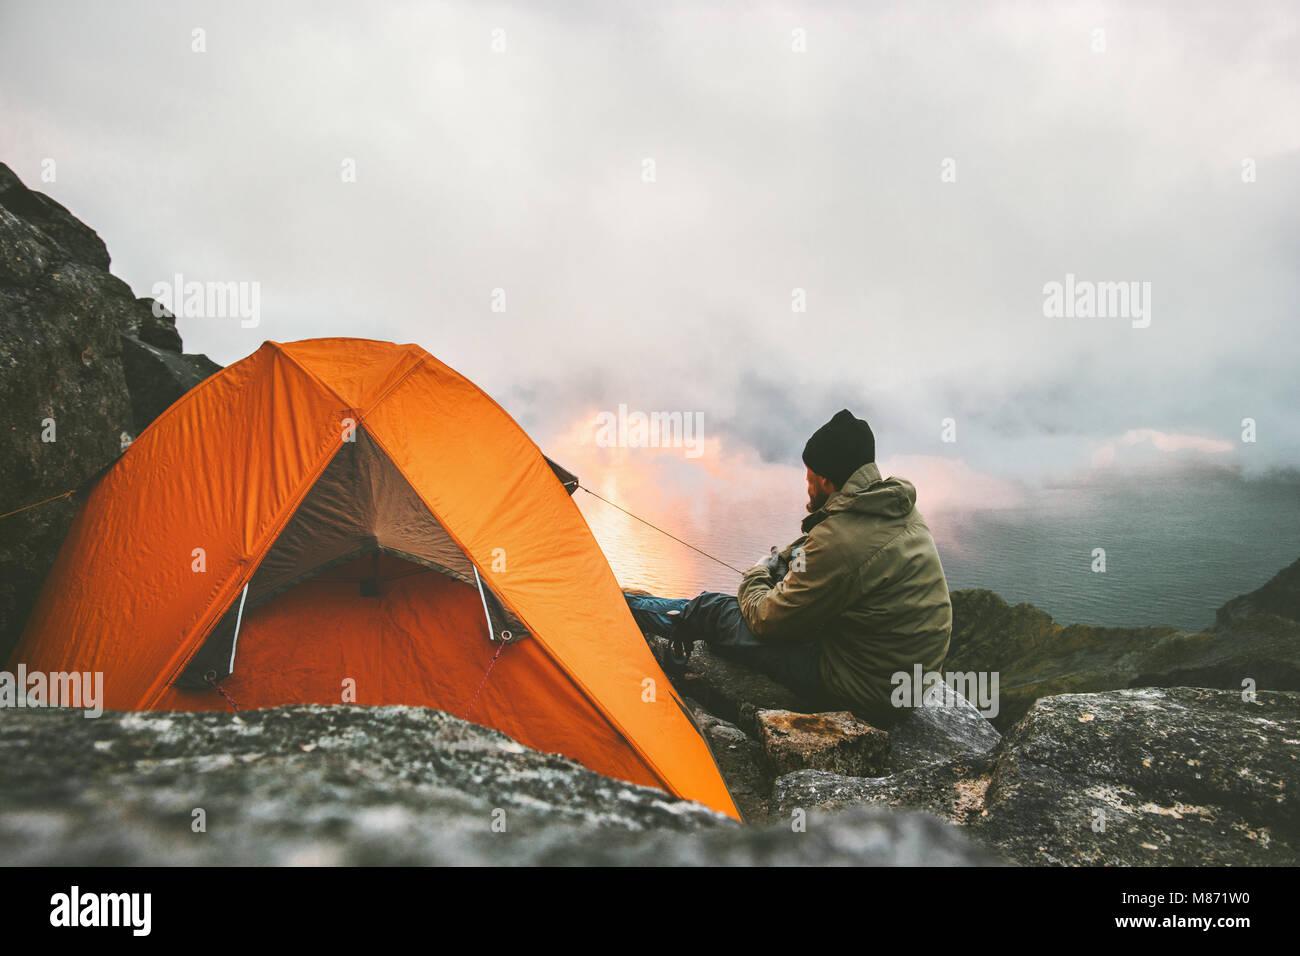 Man Reisende entspannen in den Bergen in der Nähe von Zelt Camping outdoor Travel Abenteuer lifestyle Konzept Stockbild